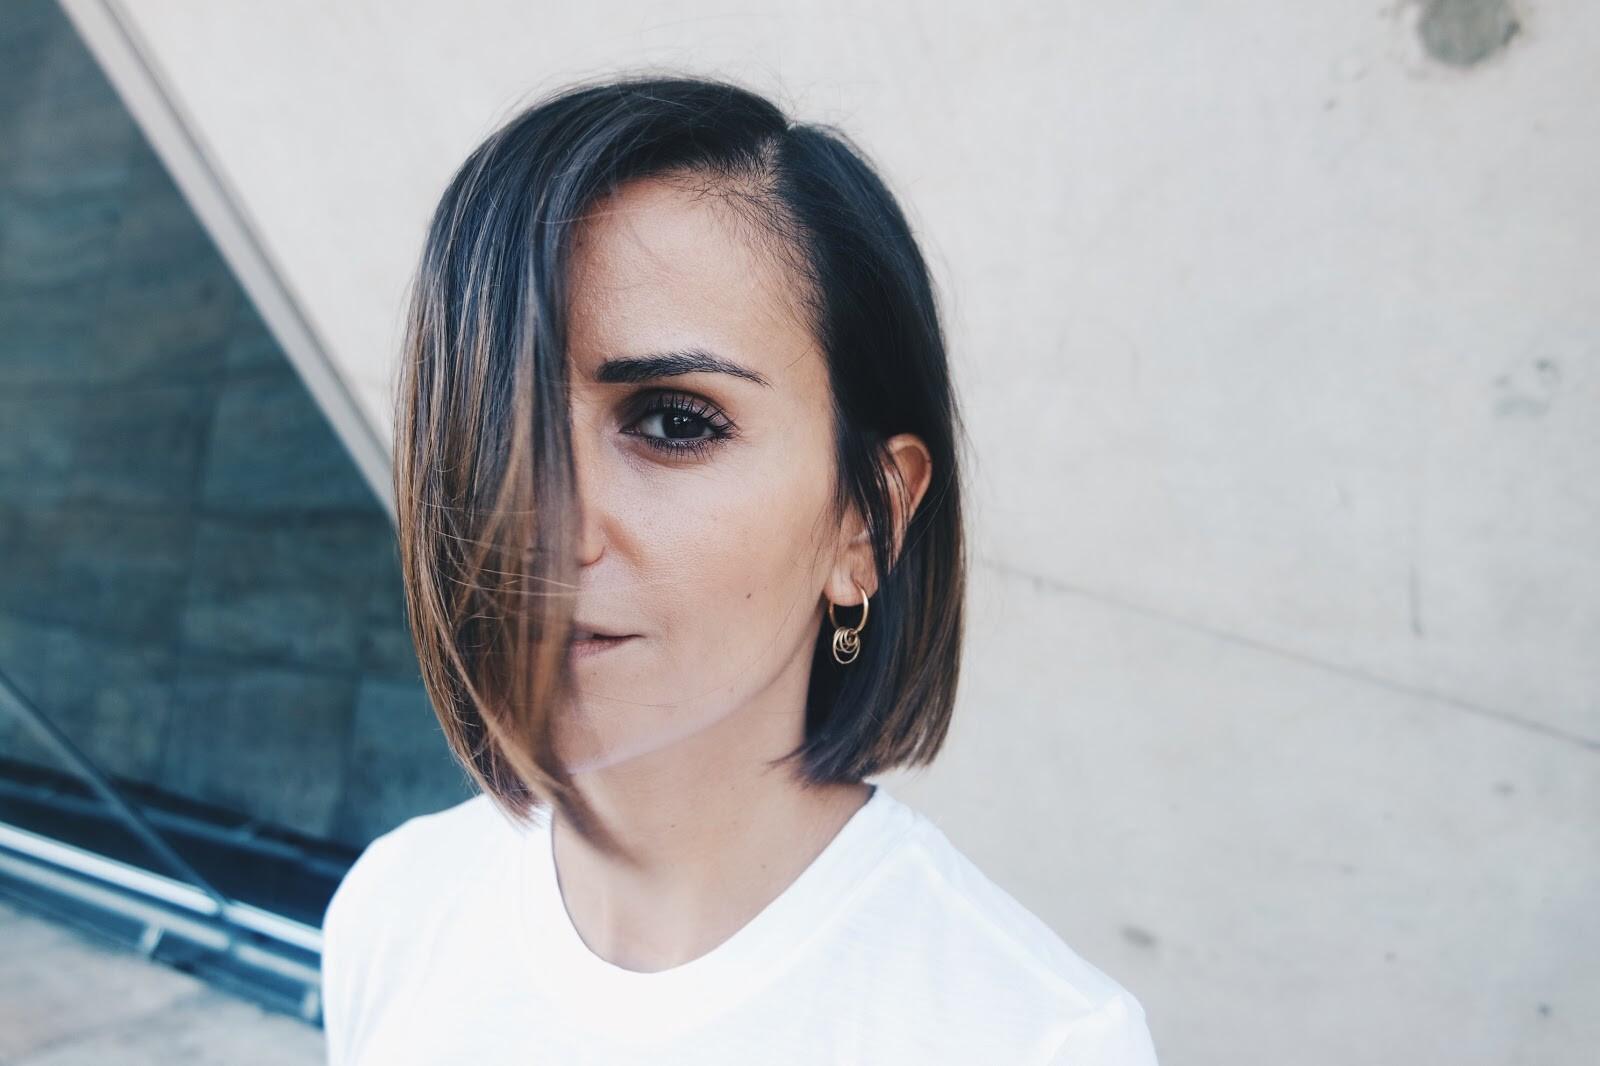 sara-sebastião-os-blogs-de-moda-e-lifestyle-portugueses